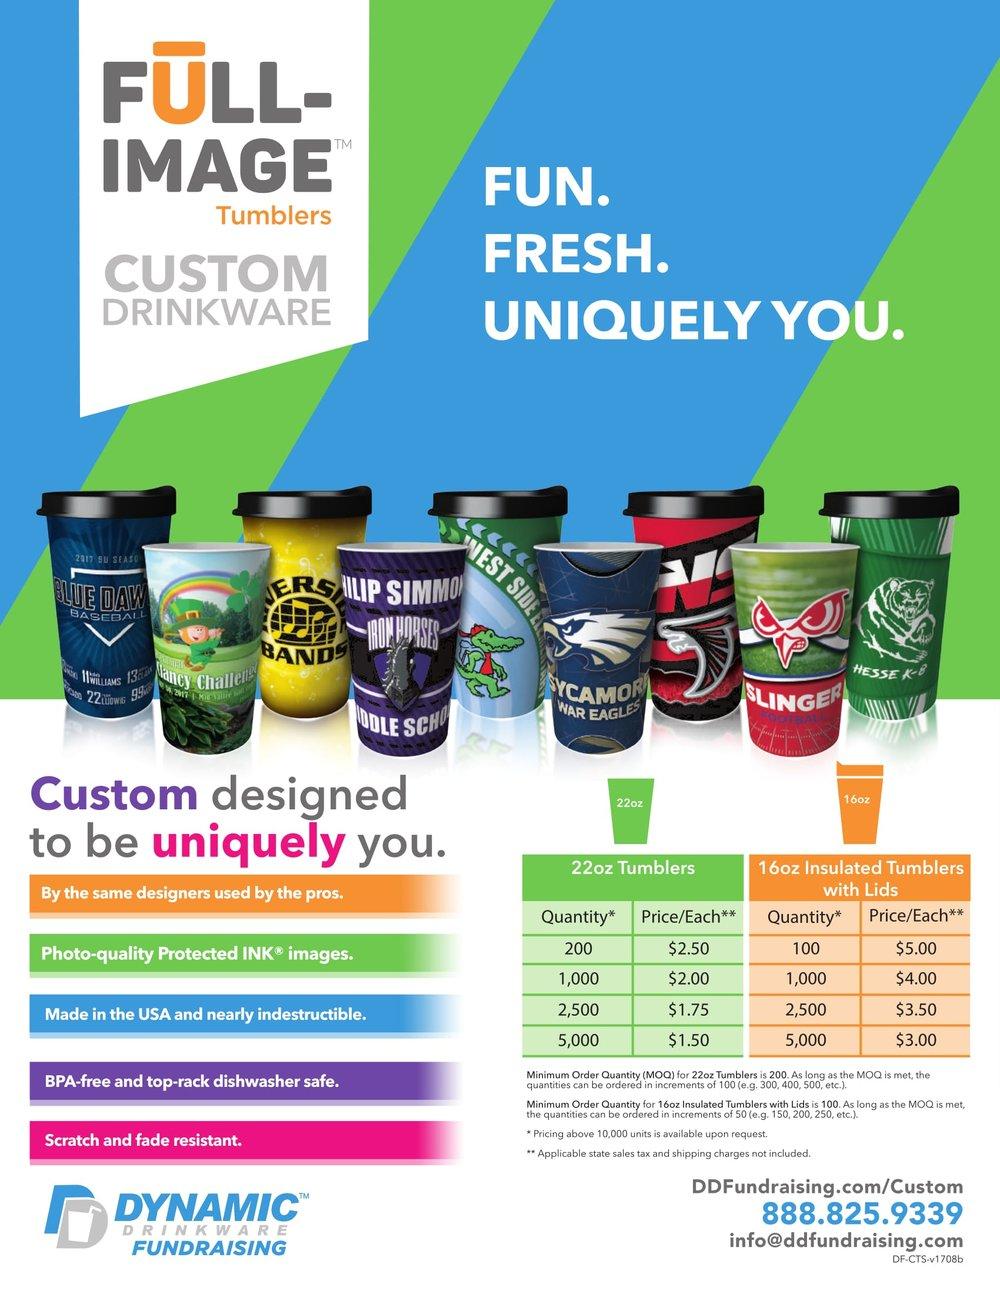 custom-drinkware-1.jpg